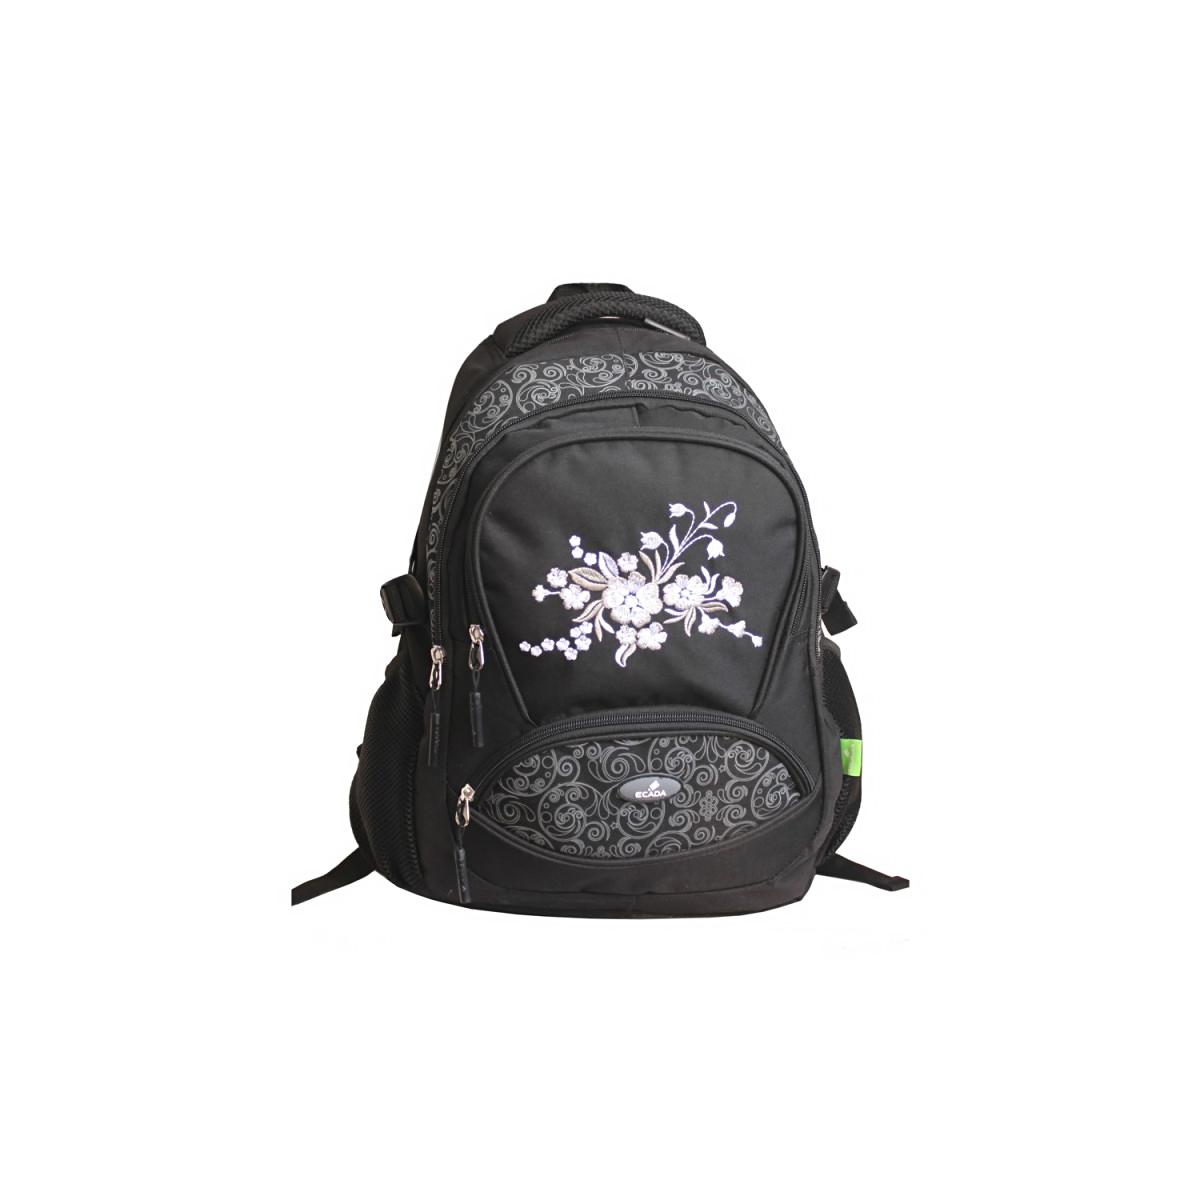 Ghiozdan Școlar Pentru Adolescenți, 46 Centimetri, Negru, Flori, Ecada, 61716